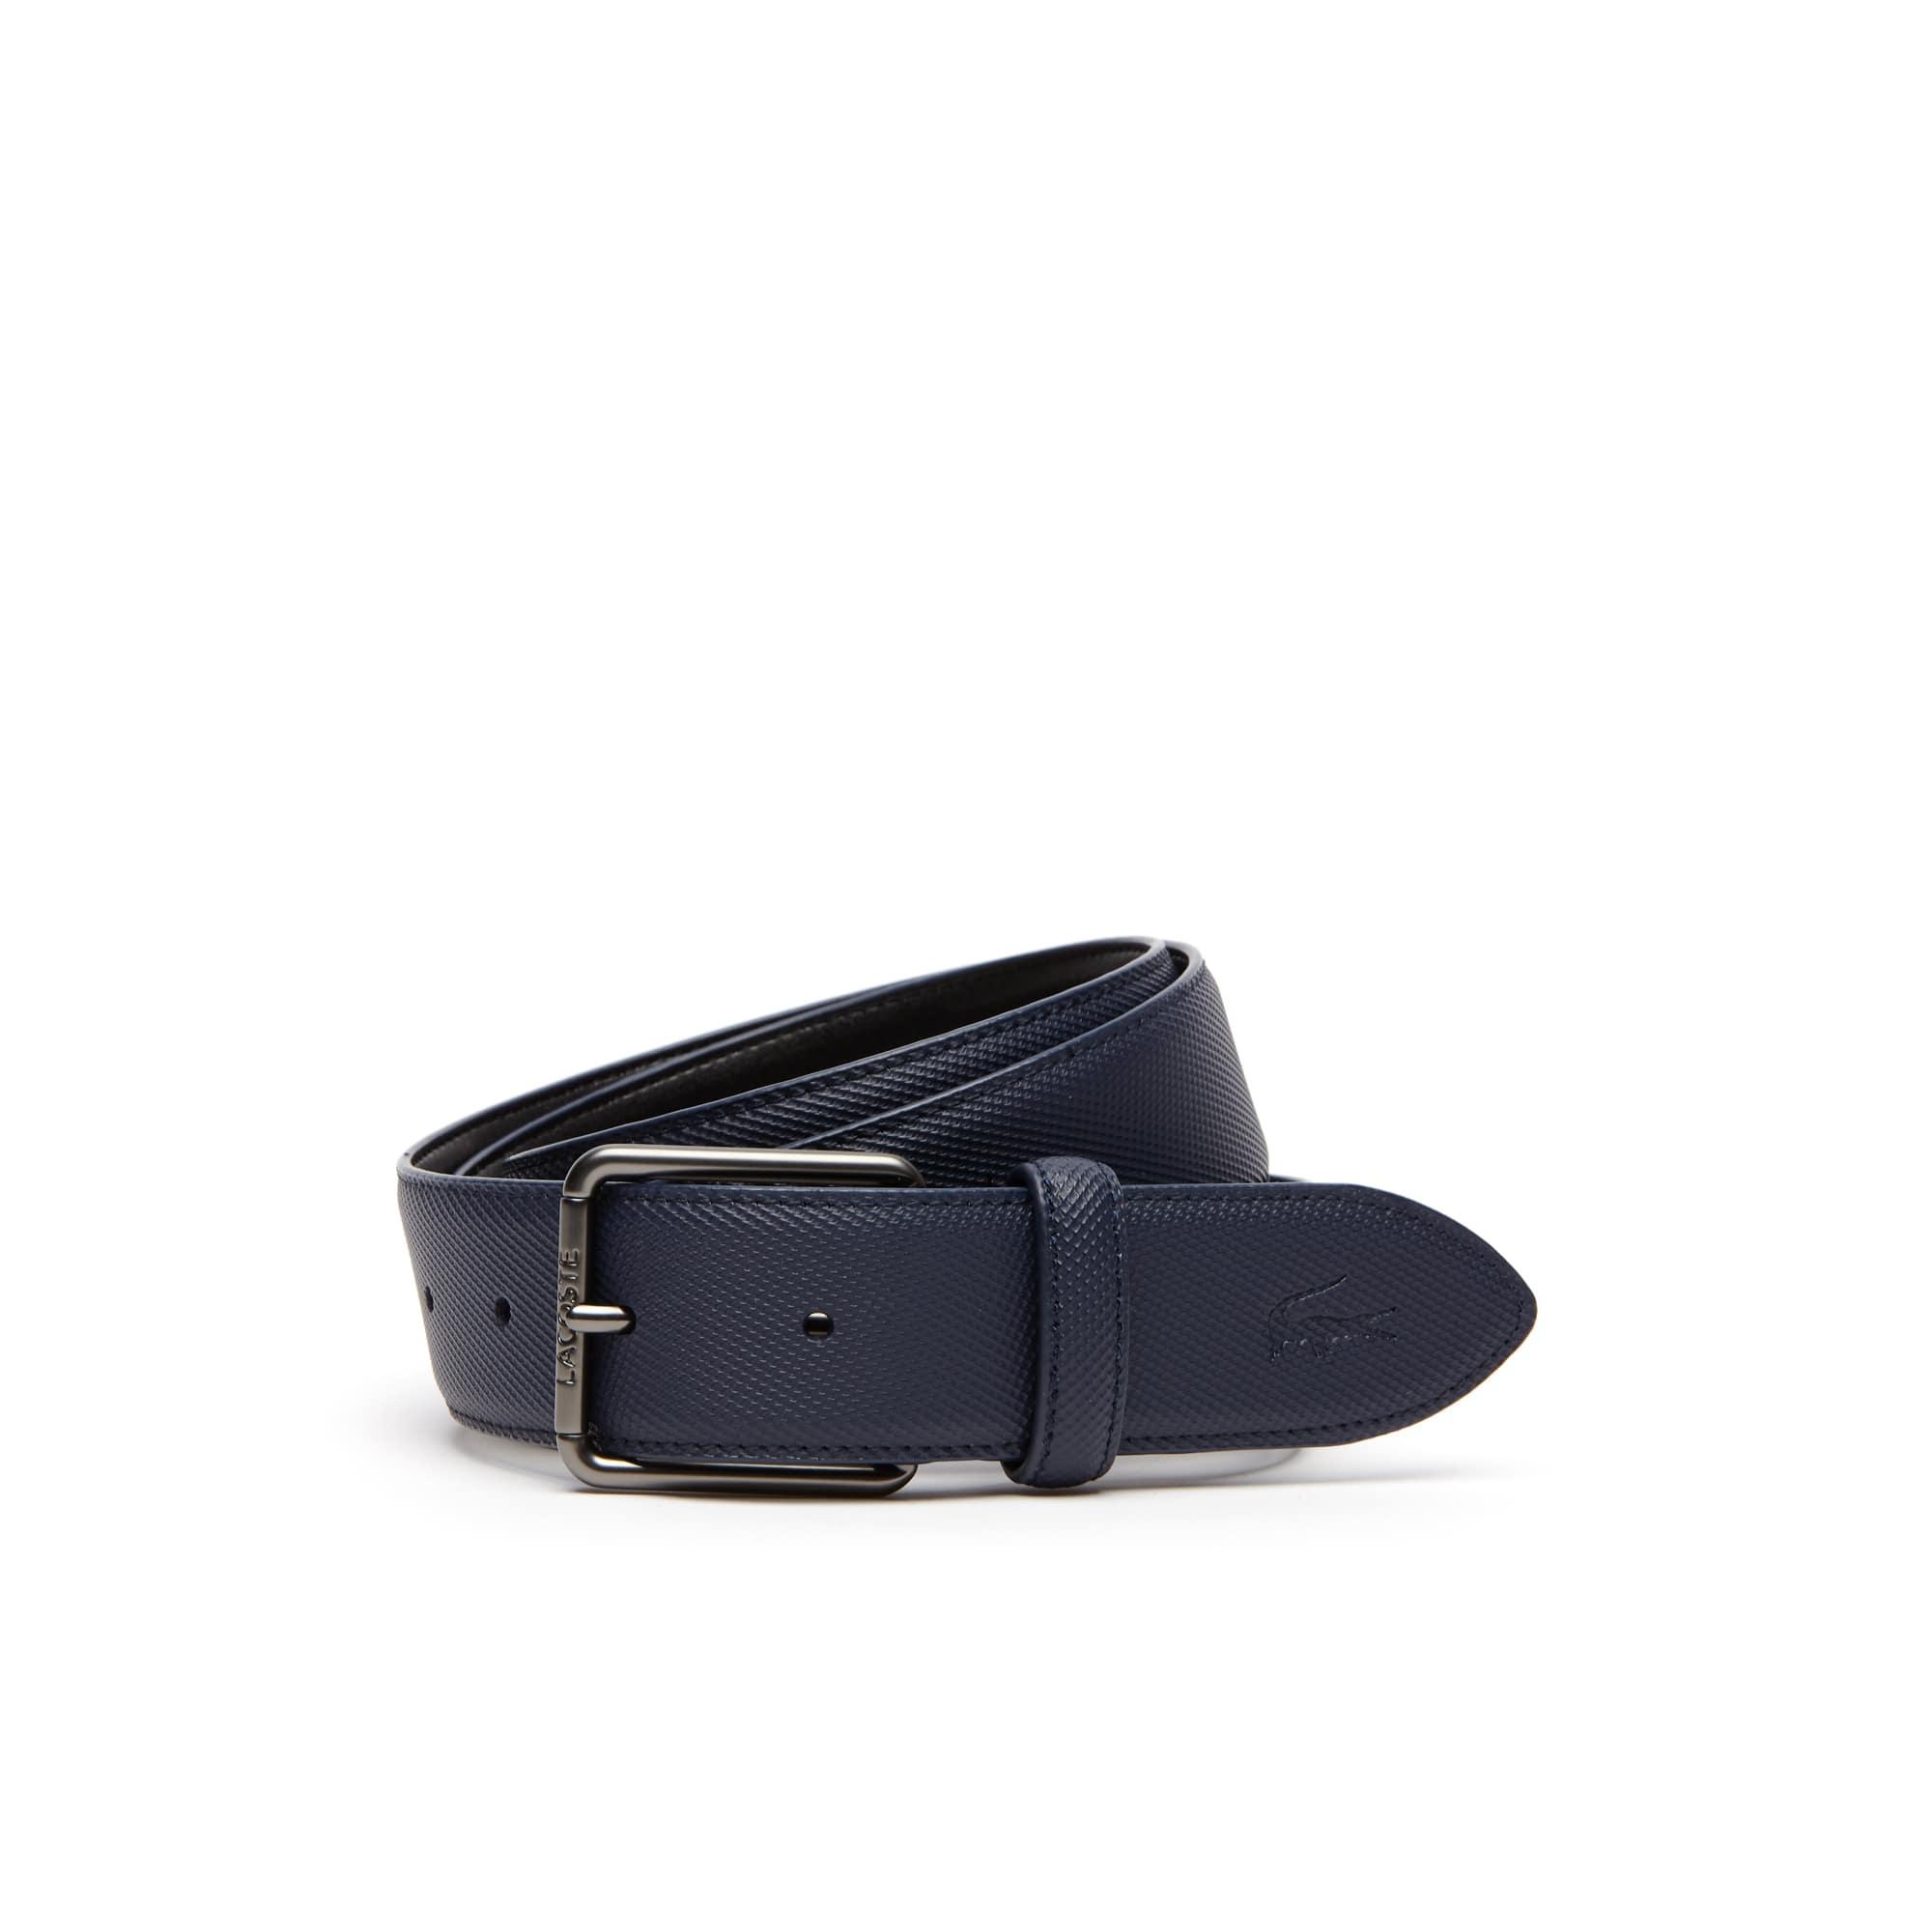 Cinturón Men's Classic de pequeño piqué con hebilla de lengüeta grabada Lacoste